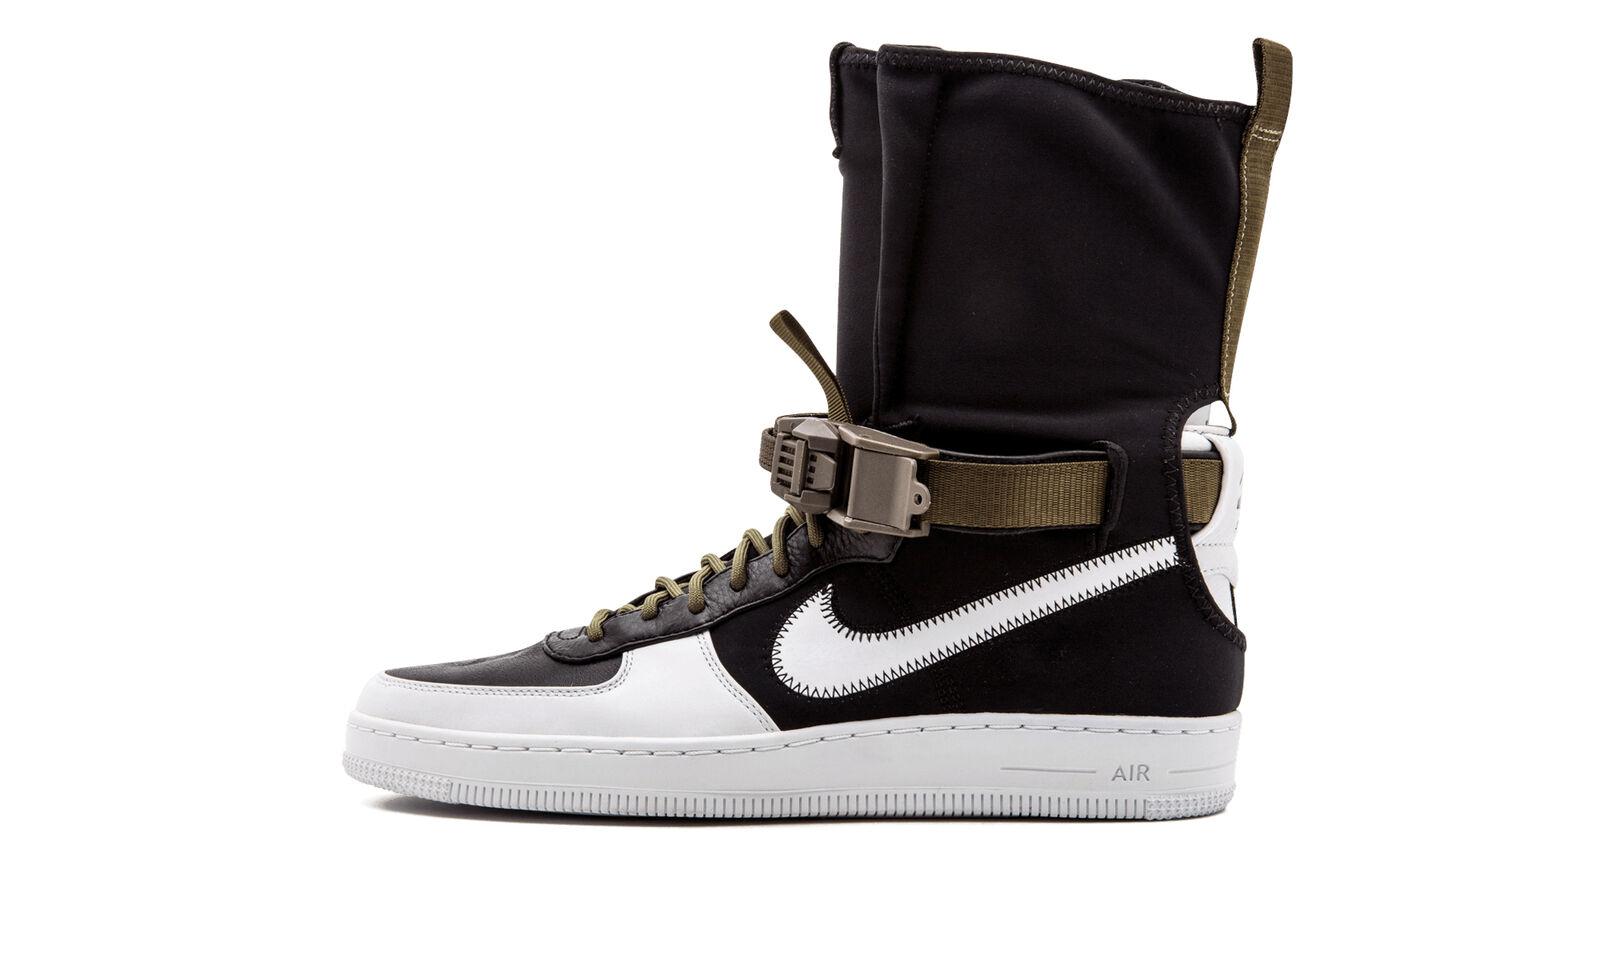 Nike AF1 Downtown HI SP/Acronym - 649941 001